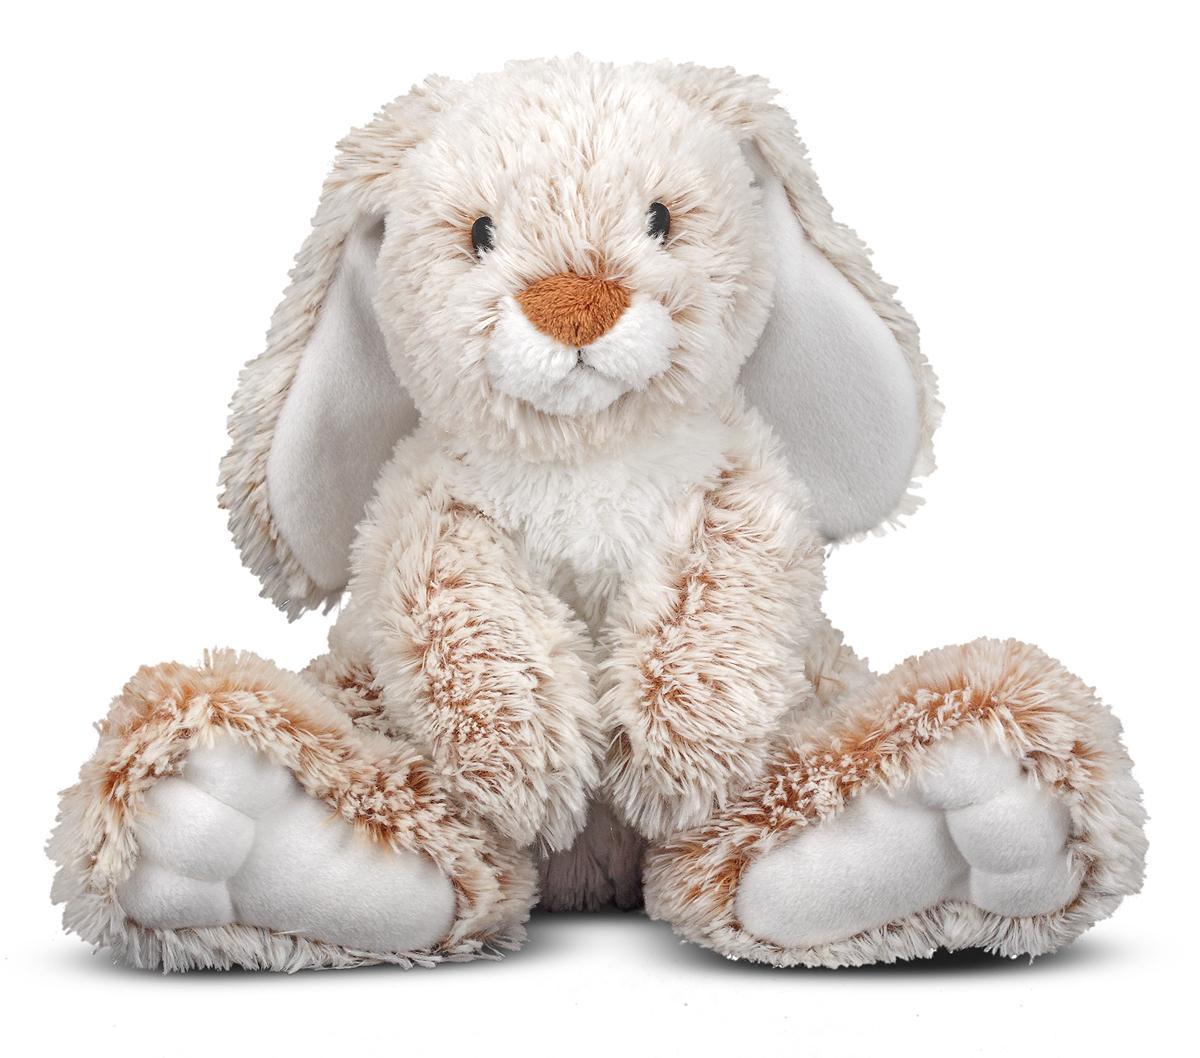 Stuffed Animal Toys : Amazon melissa doug burrow bunny rabbit stuffed